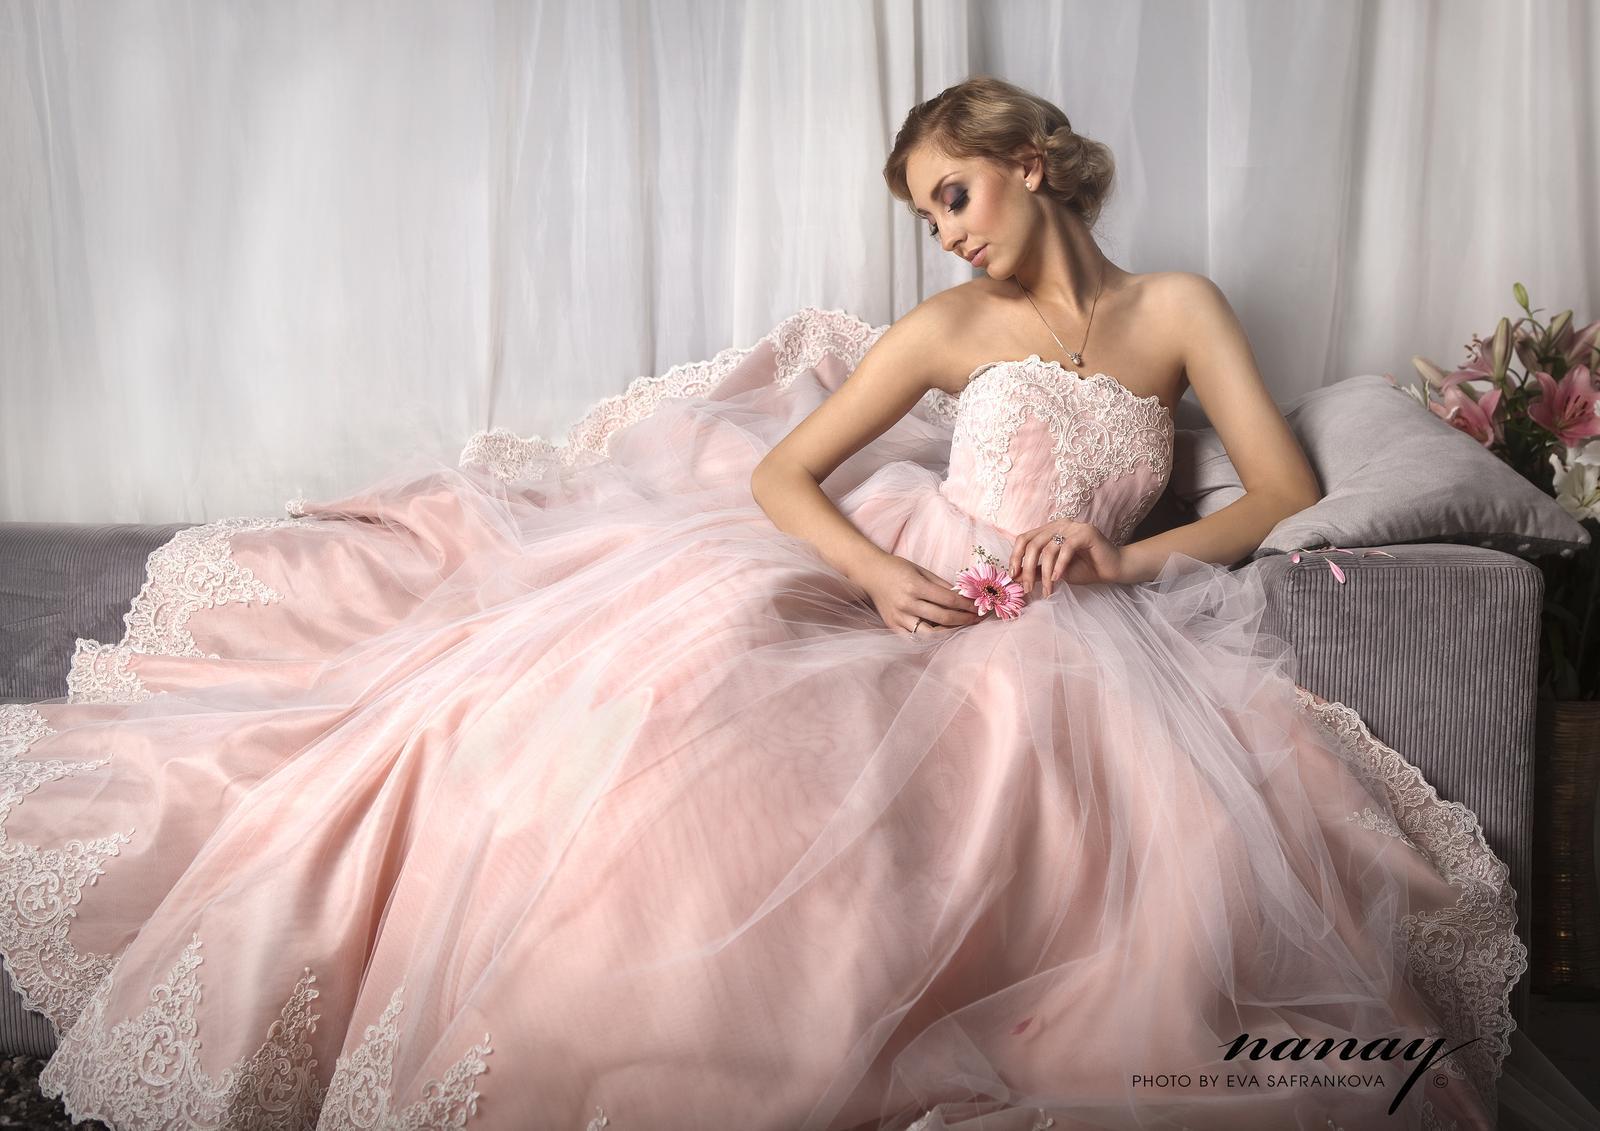 54c42603d73 Růžové nebo růžovo bílé svatební šaty - - Svatebn...